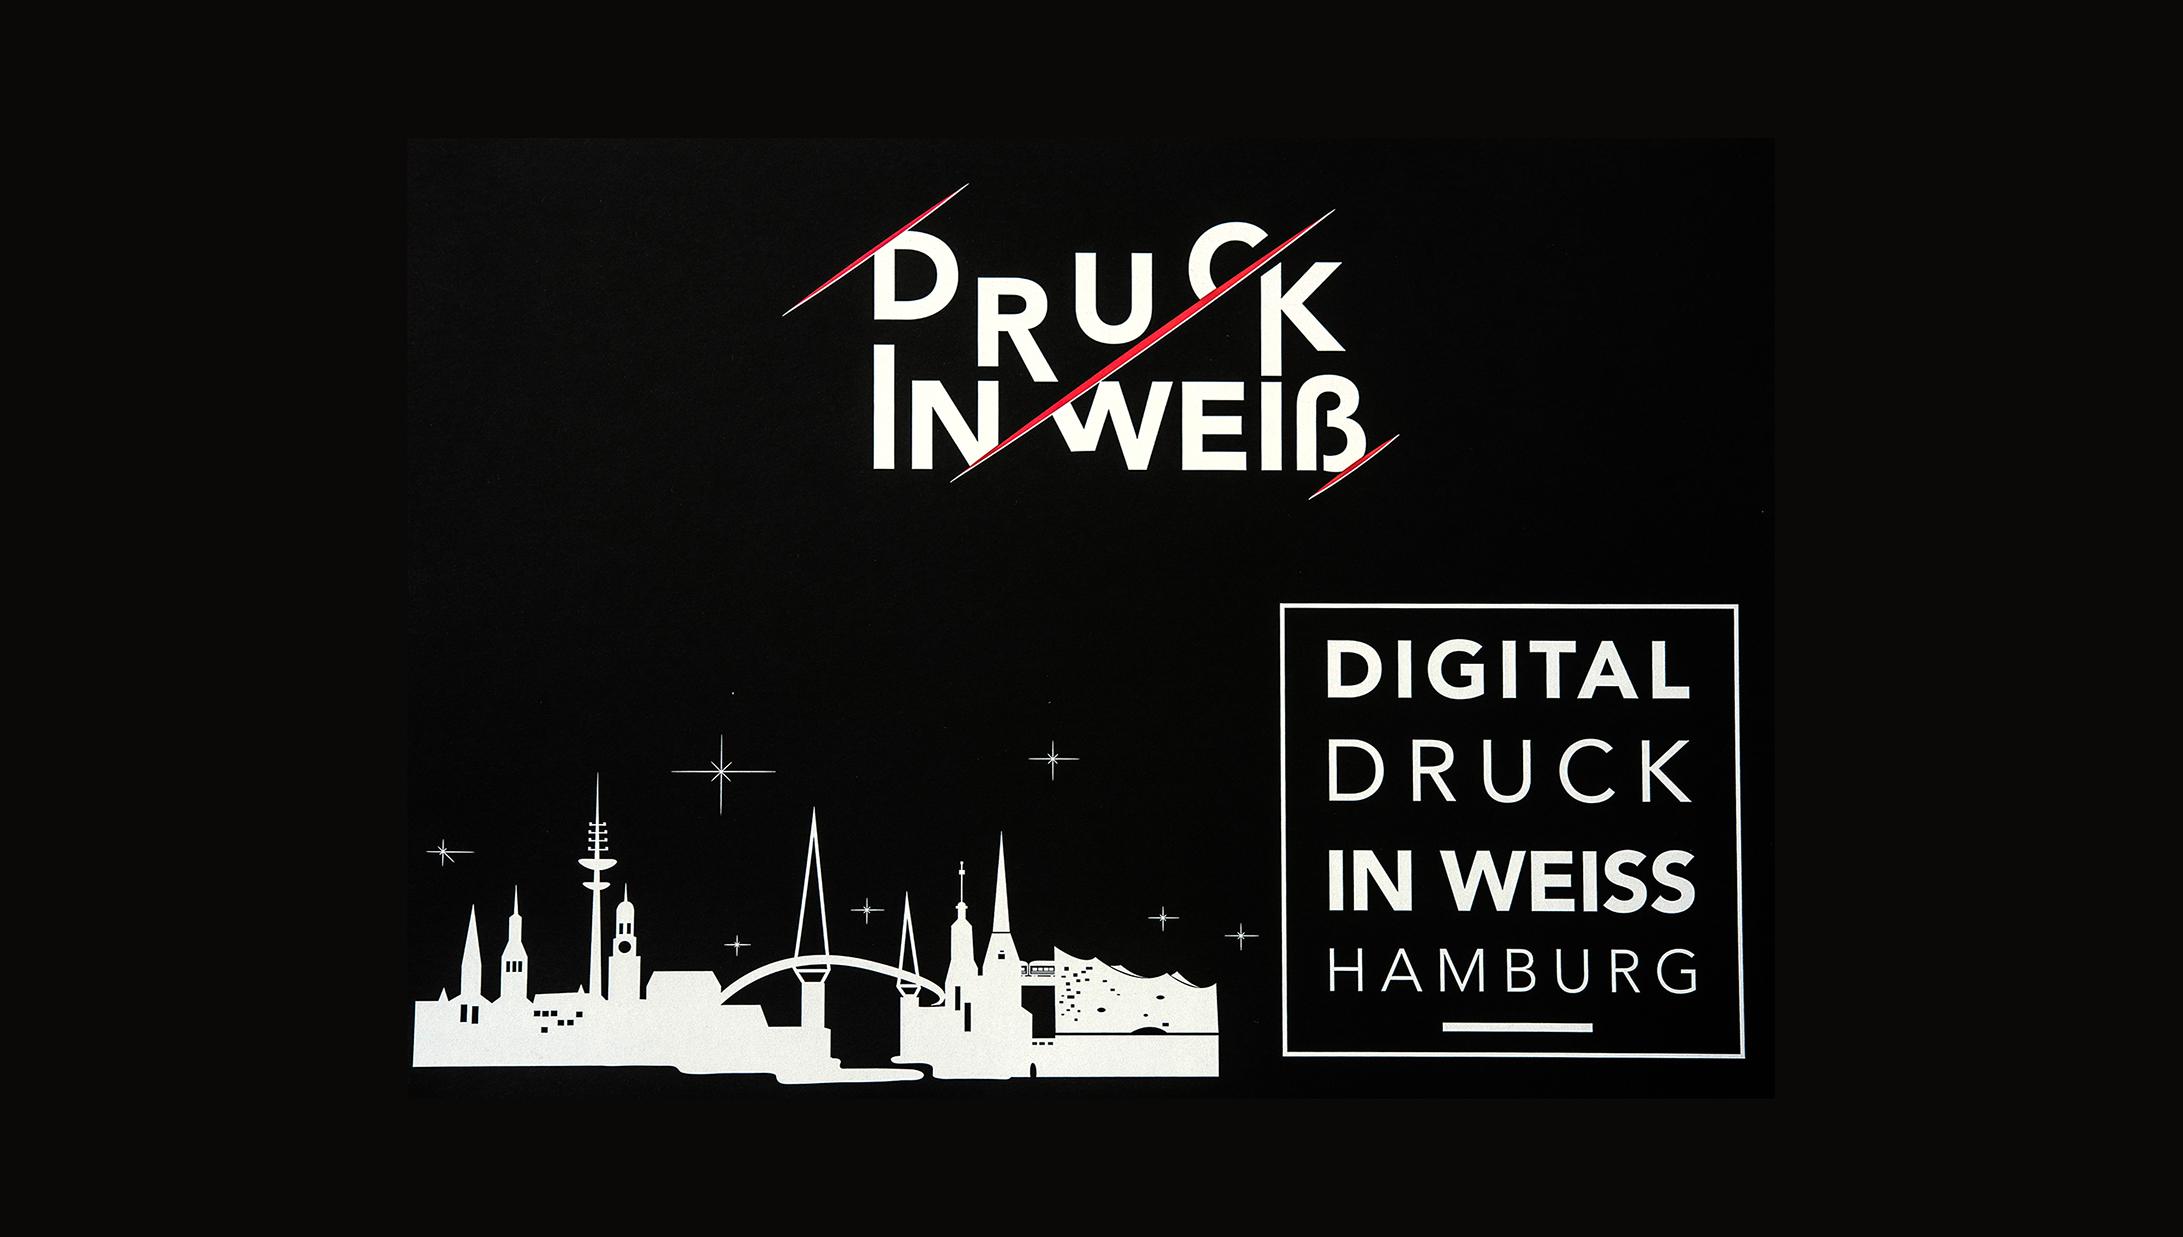 Digitaldruck mit Weiß auf schwarzem Papier Hamburg Hompage quer